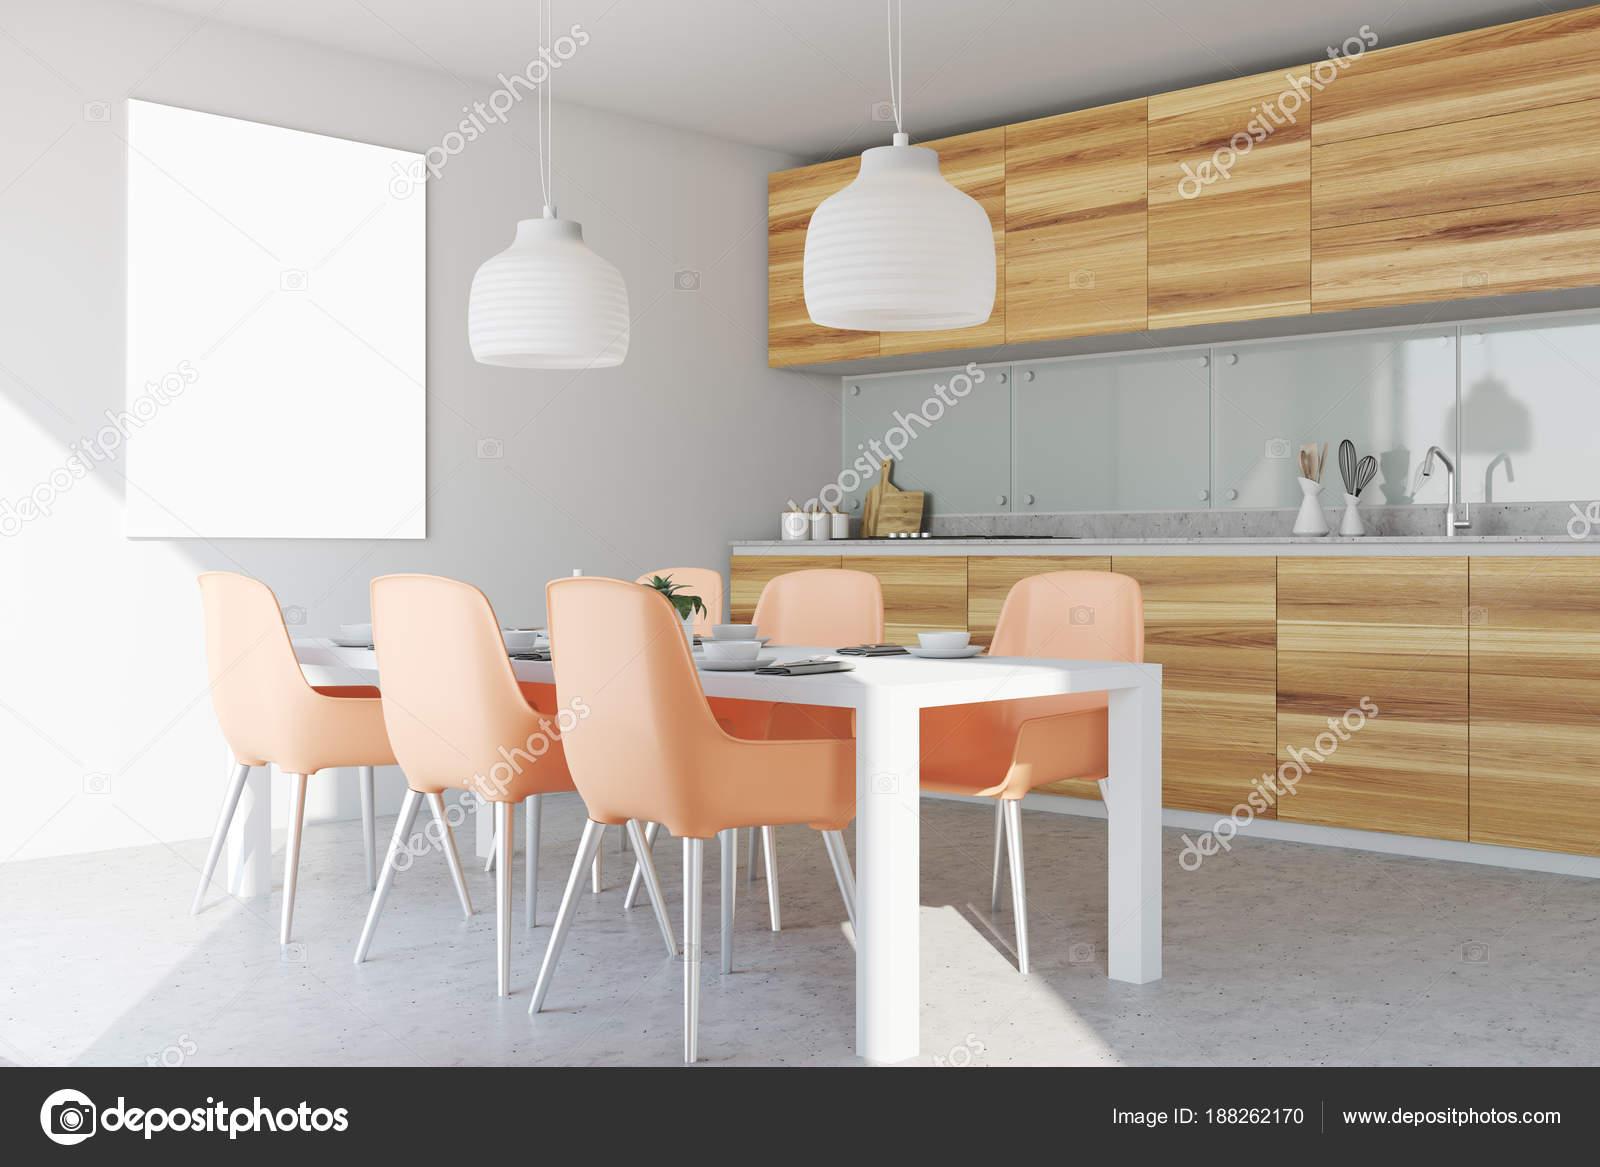 Weiß und Holz Esszimmer und Küche, Plakat — Stockfoto ...